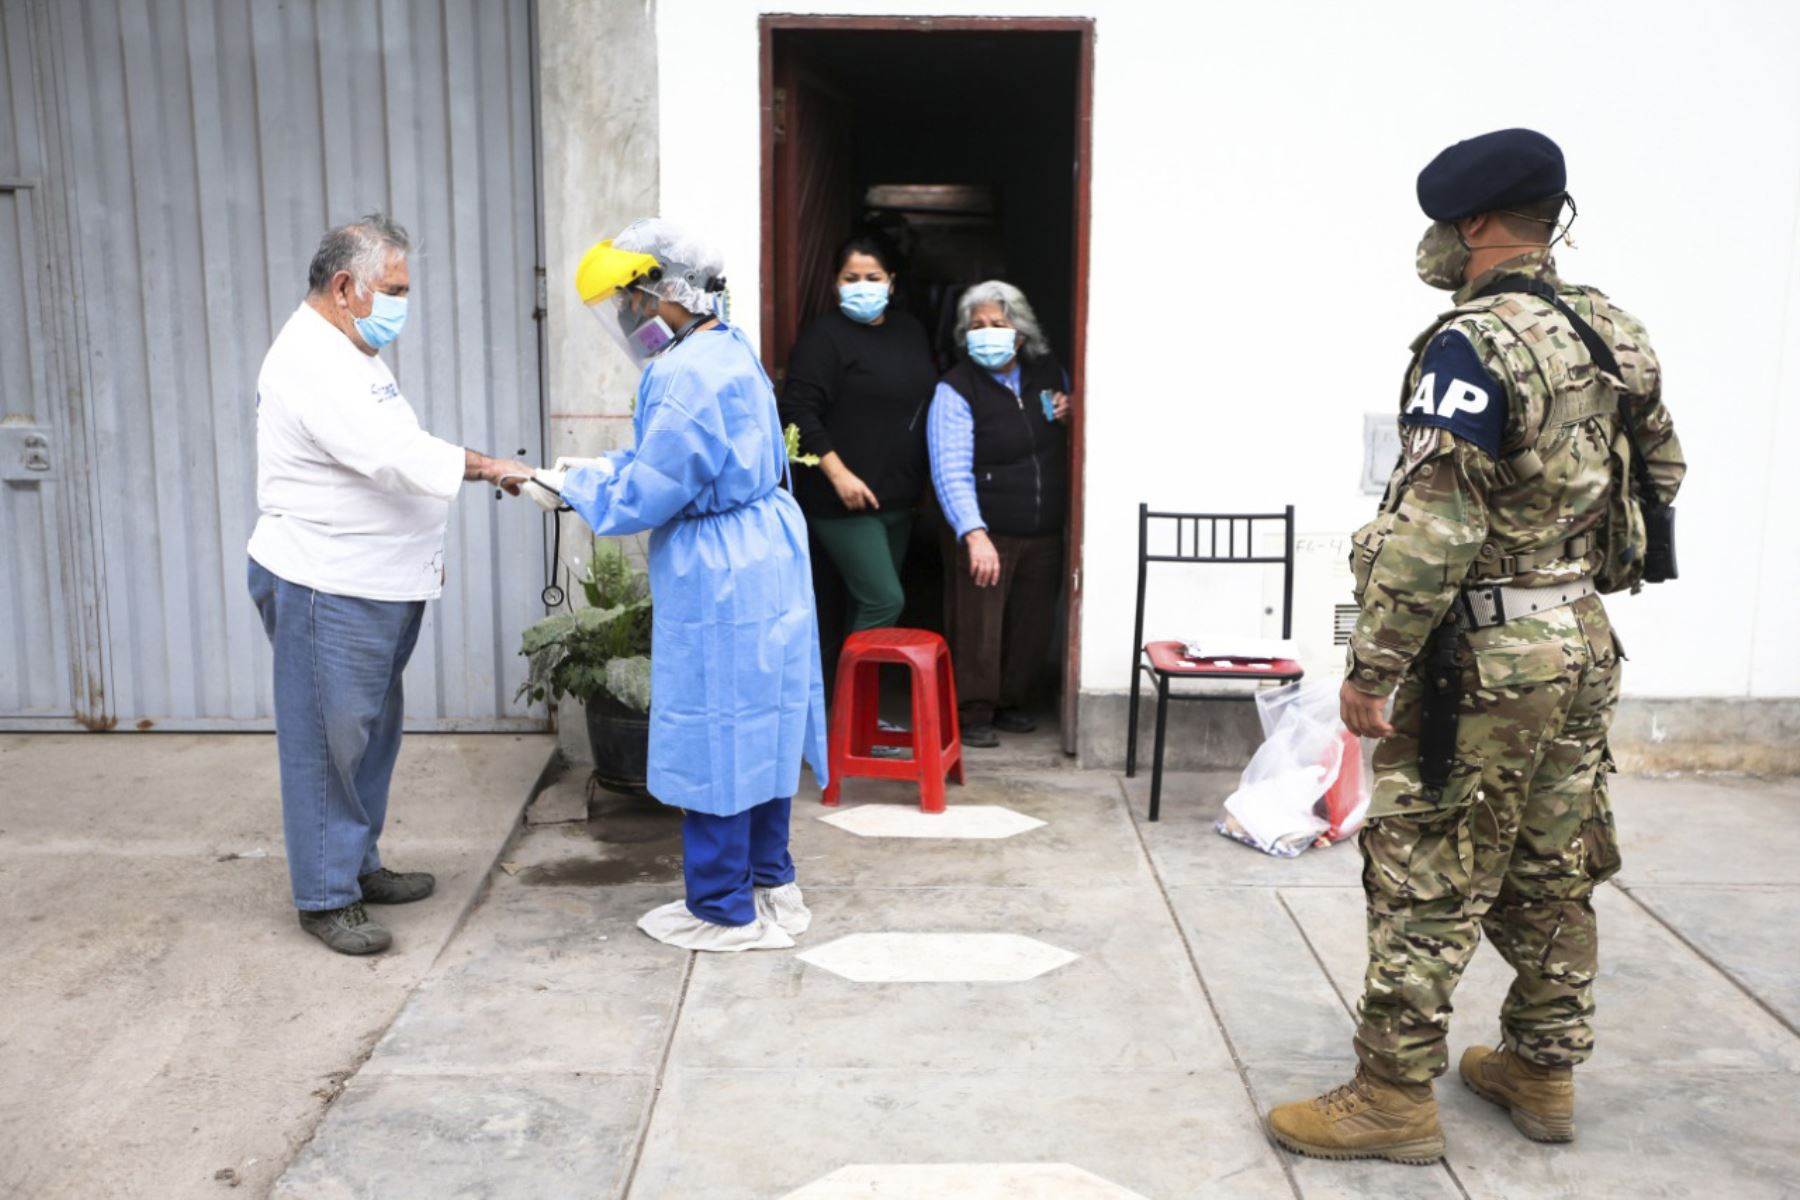 Fotografía tomada el 15 de setiembre del 2020 / Las fuerzas armadas y personal de salud impulsan el plan Tayta, programa que lucha contra el covid-19 en la región Lima. Foto: ANDINA/Jhonel Rodríguez Robles